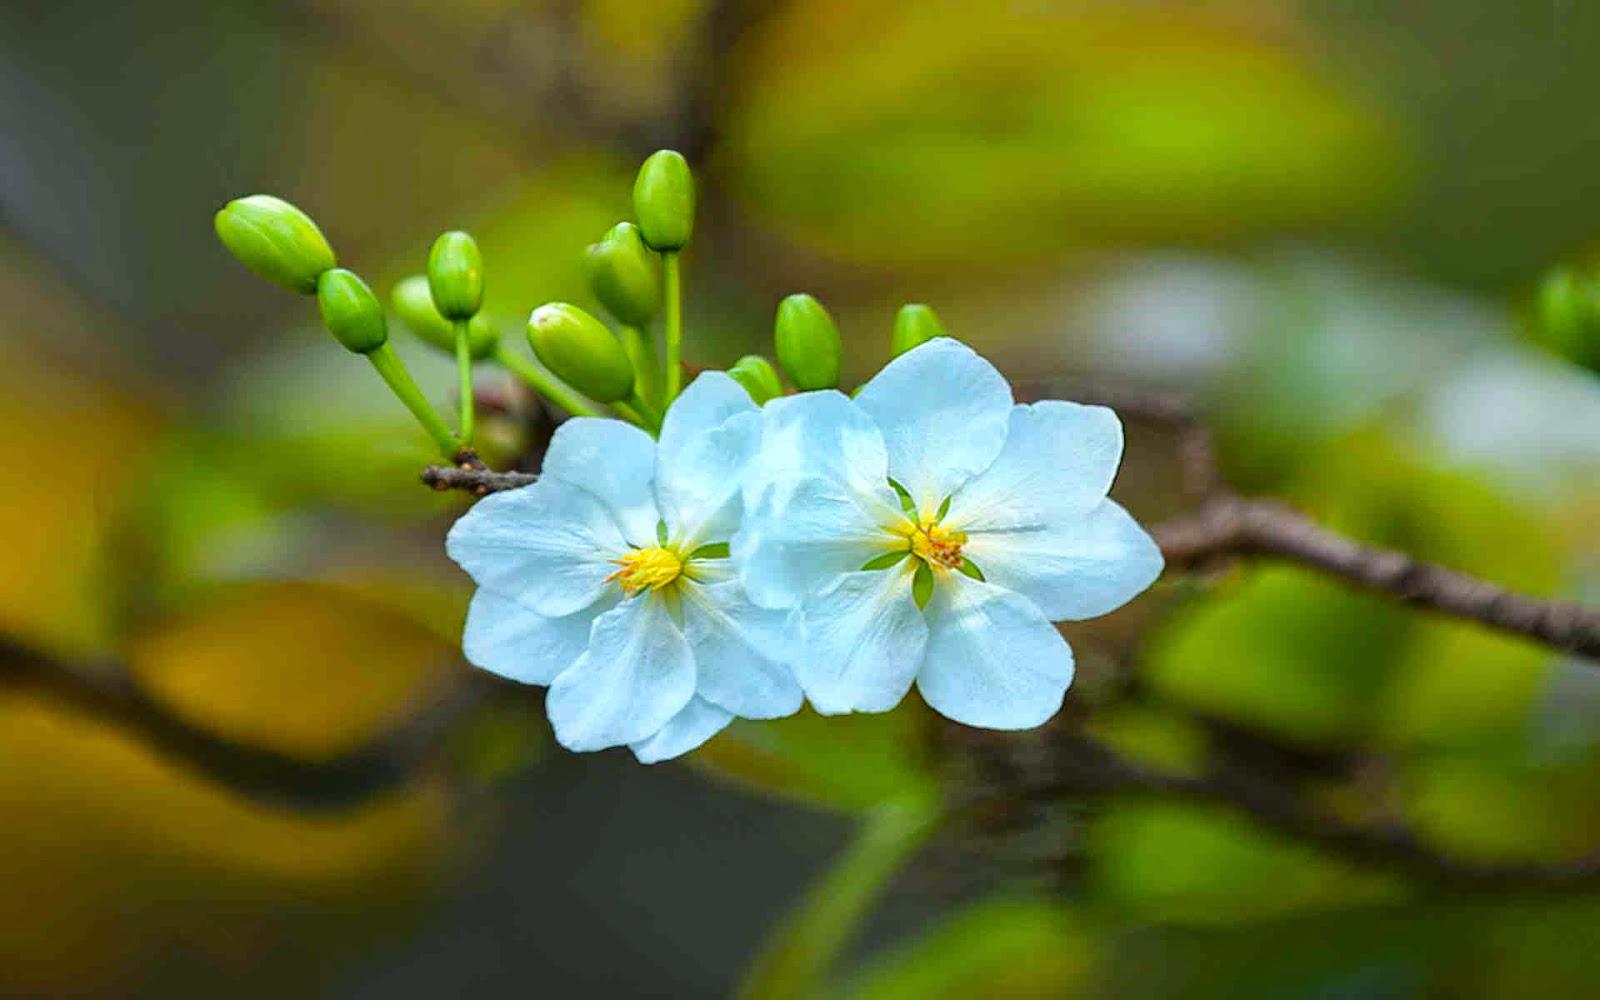 xem ảnh của hoa mai vàng